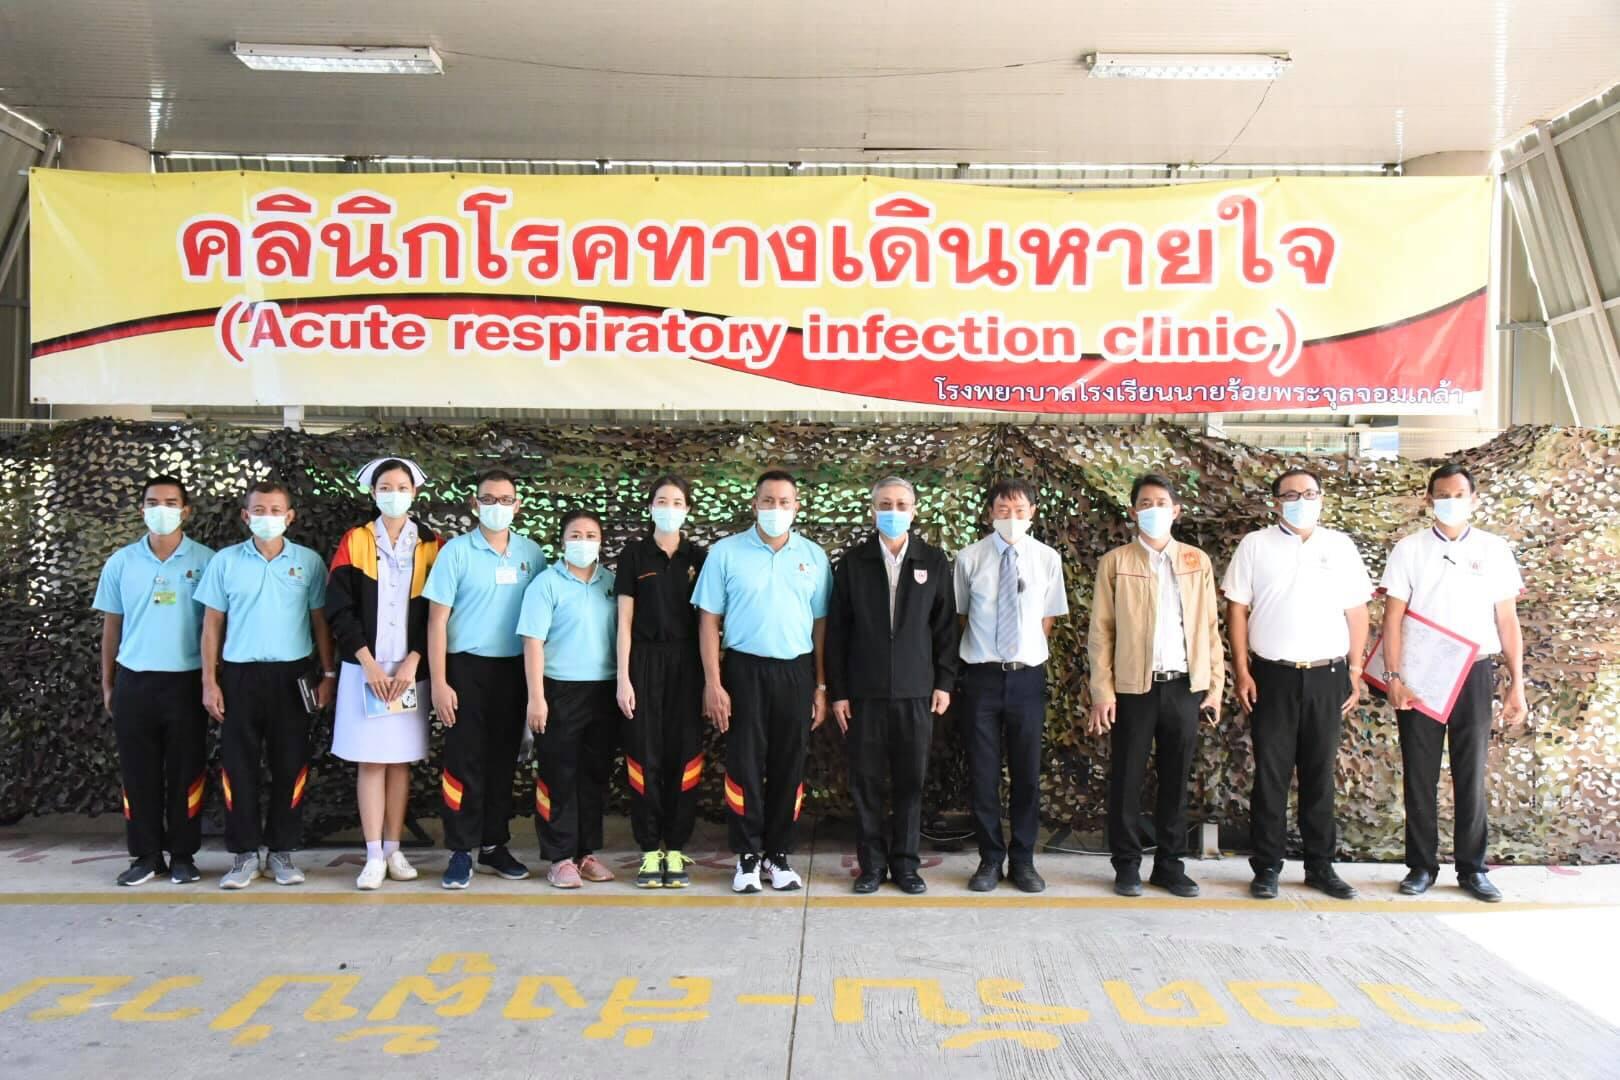 วิศวกรรมสถานแห่งประเทศไทยในพระบรมราชูปถัมภ์ (วสท.) ได้เข้าตรวจ และรายงานผลสมรรถนะการทำงานตู้ความดันลบแบบที่ 3 ของ วสท. (แบบที่มีห้องความดันลบ) ที่โรงพยาบาลโรงเรียนนายร้อยพระจุลจอมเกล้า จังหวัดนครนายก